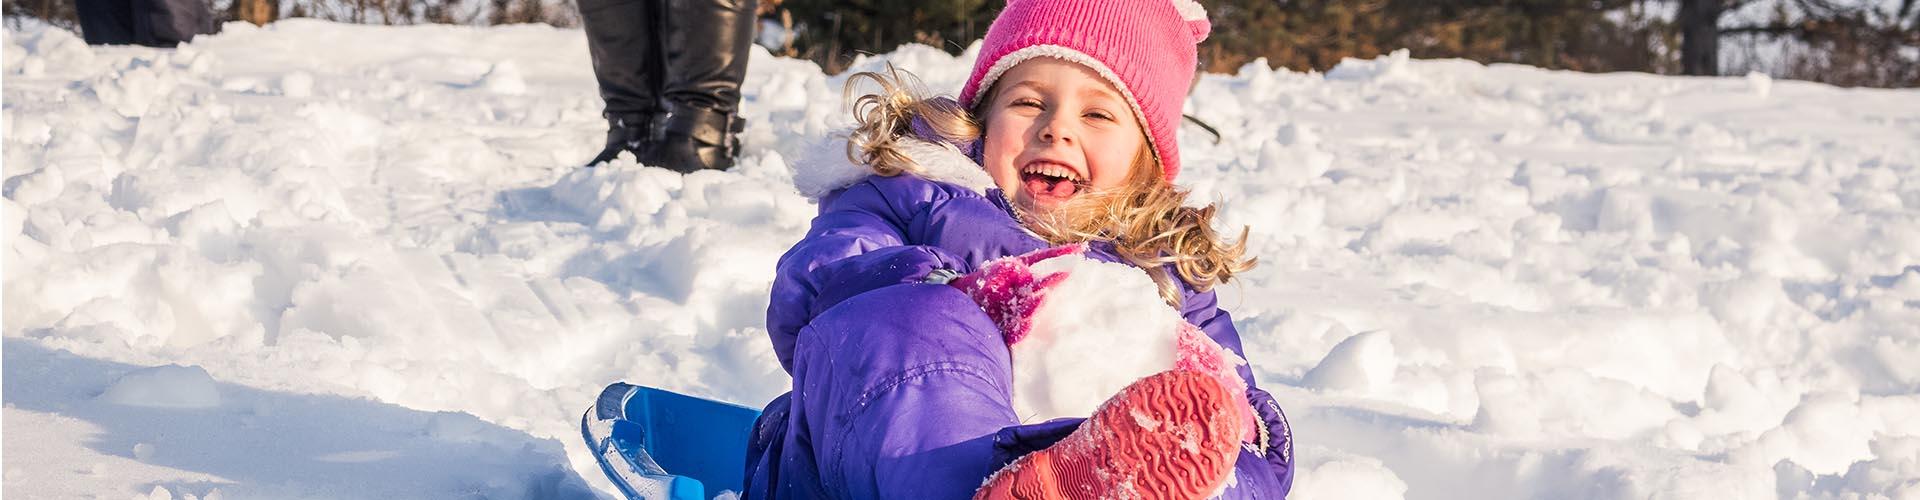 Family Fun & Activities Janesville Wisconsin